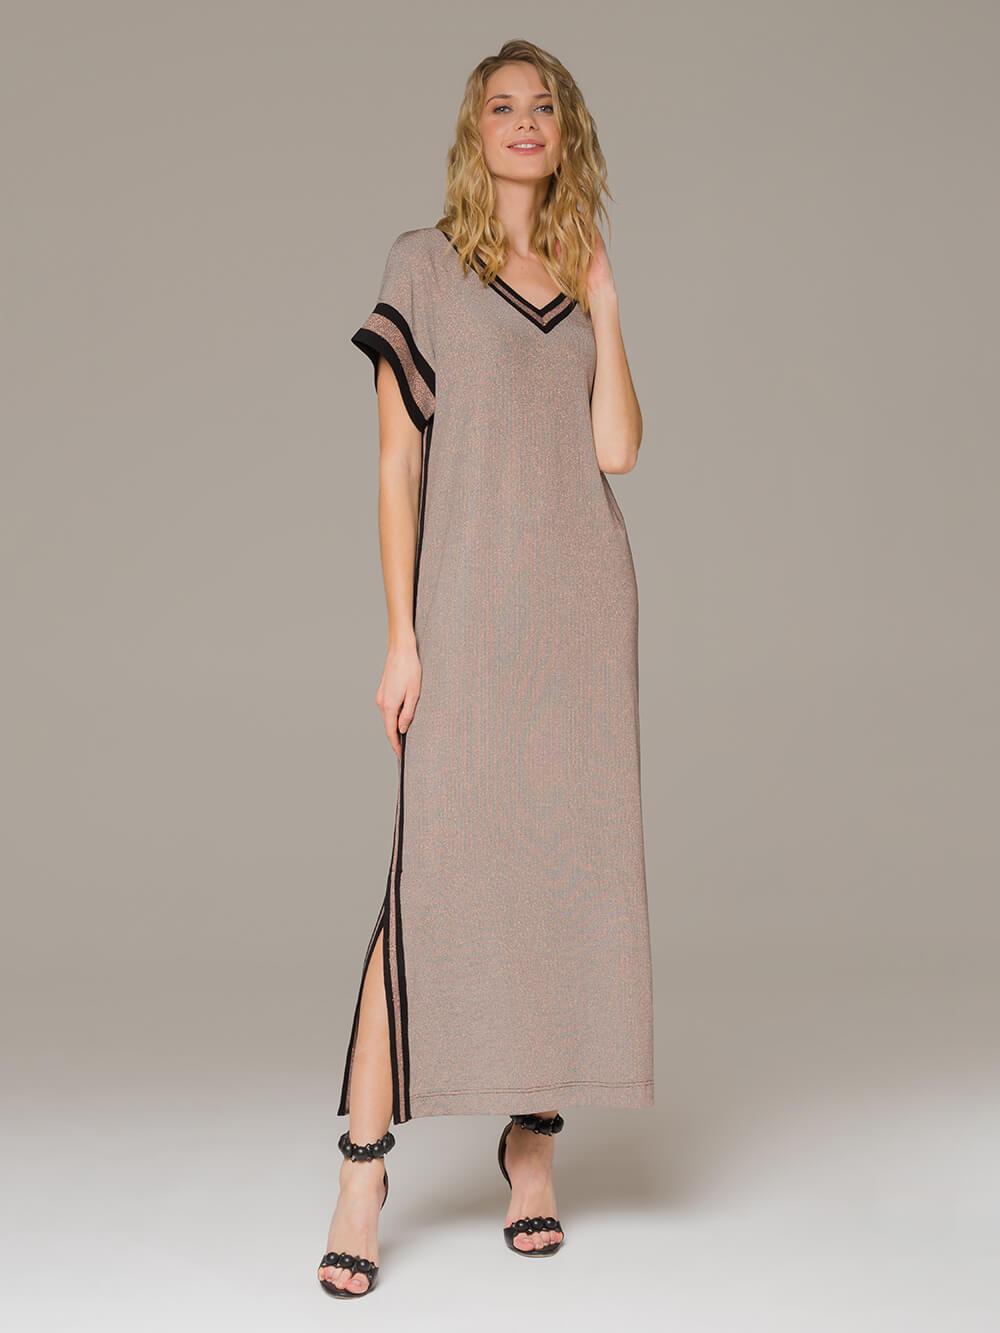 Женское платье медного цвета с разрезами - фото 1